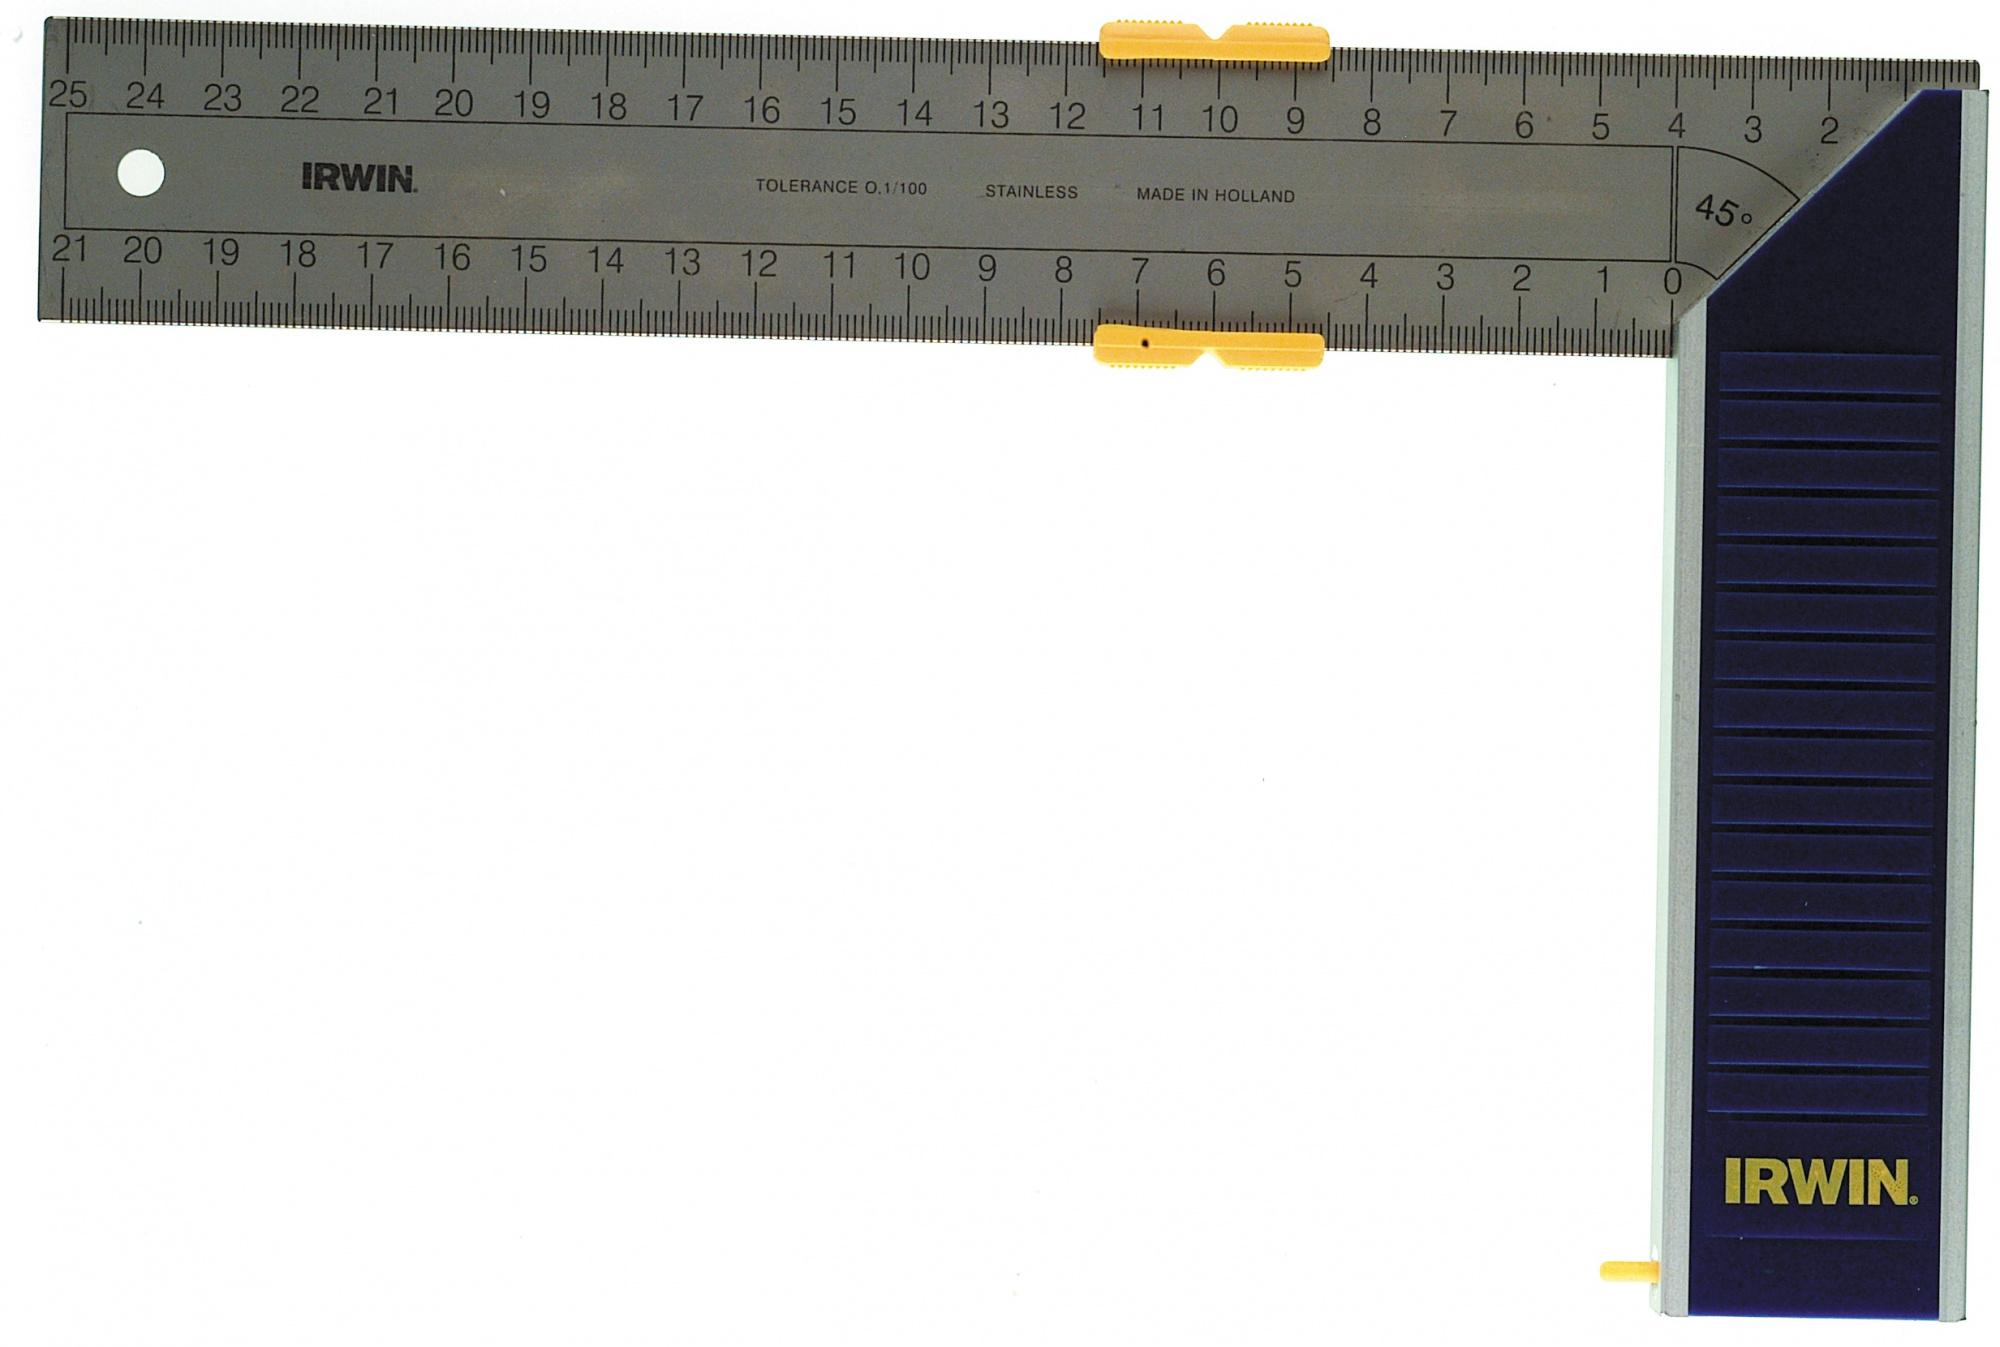 Irwin 300 мм (10503544) - угольник с бегунком